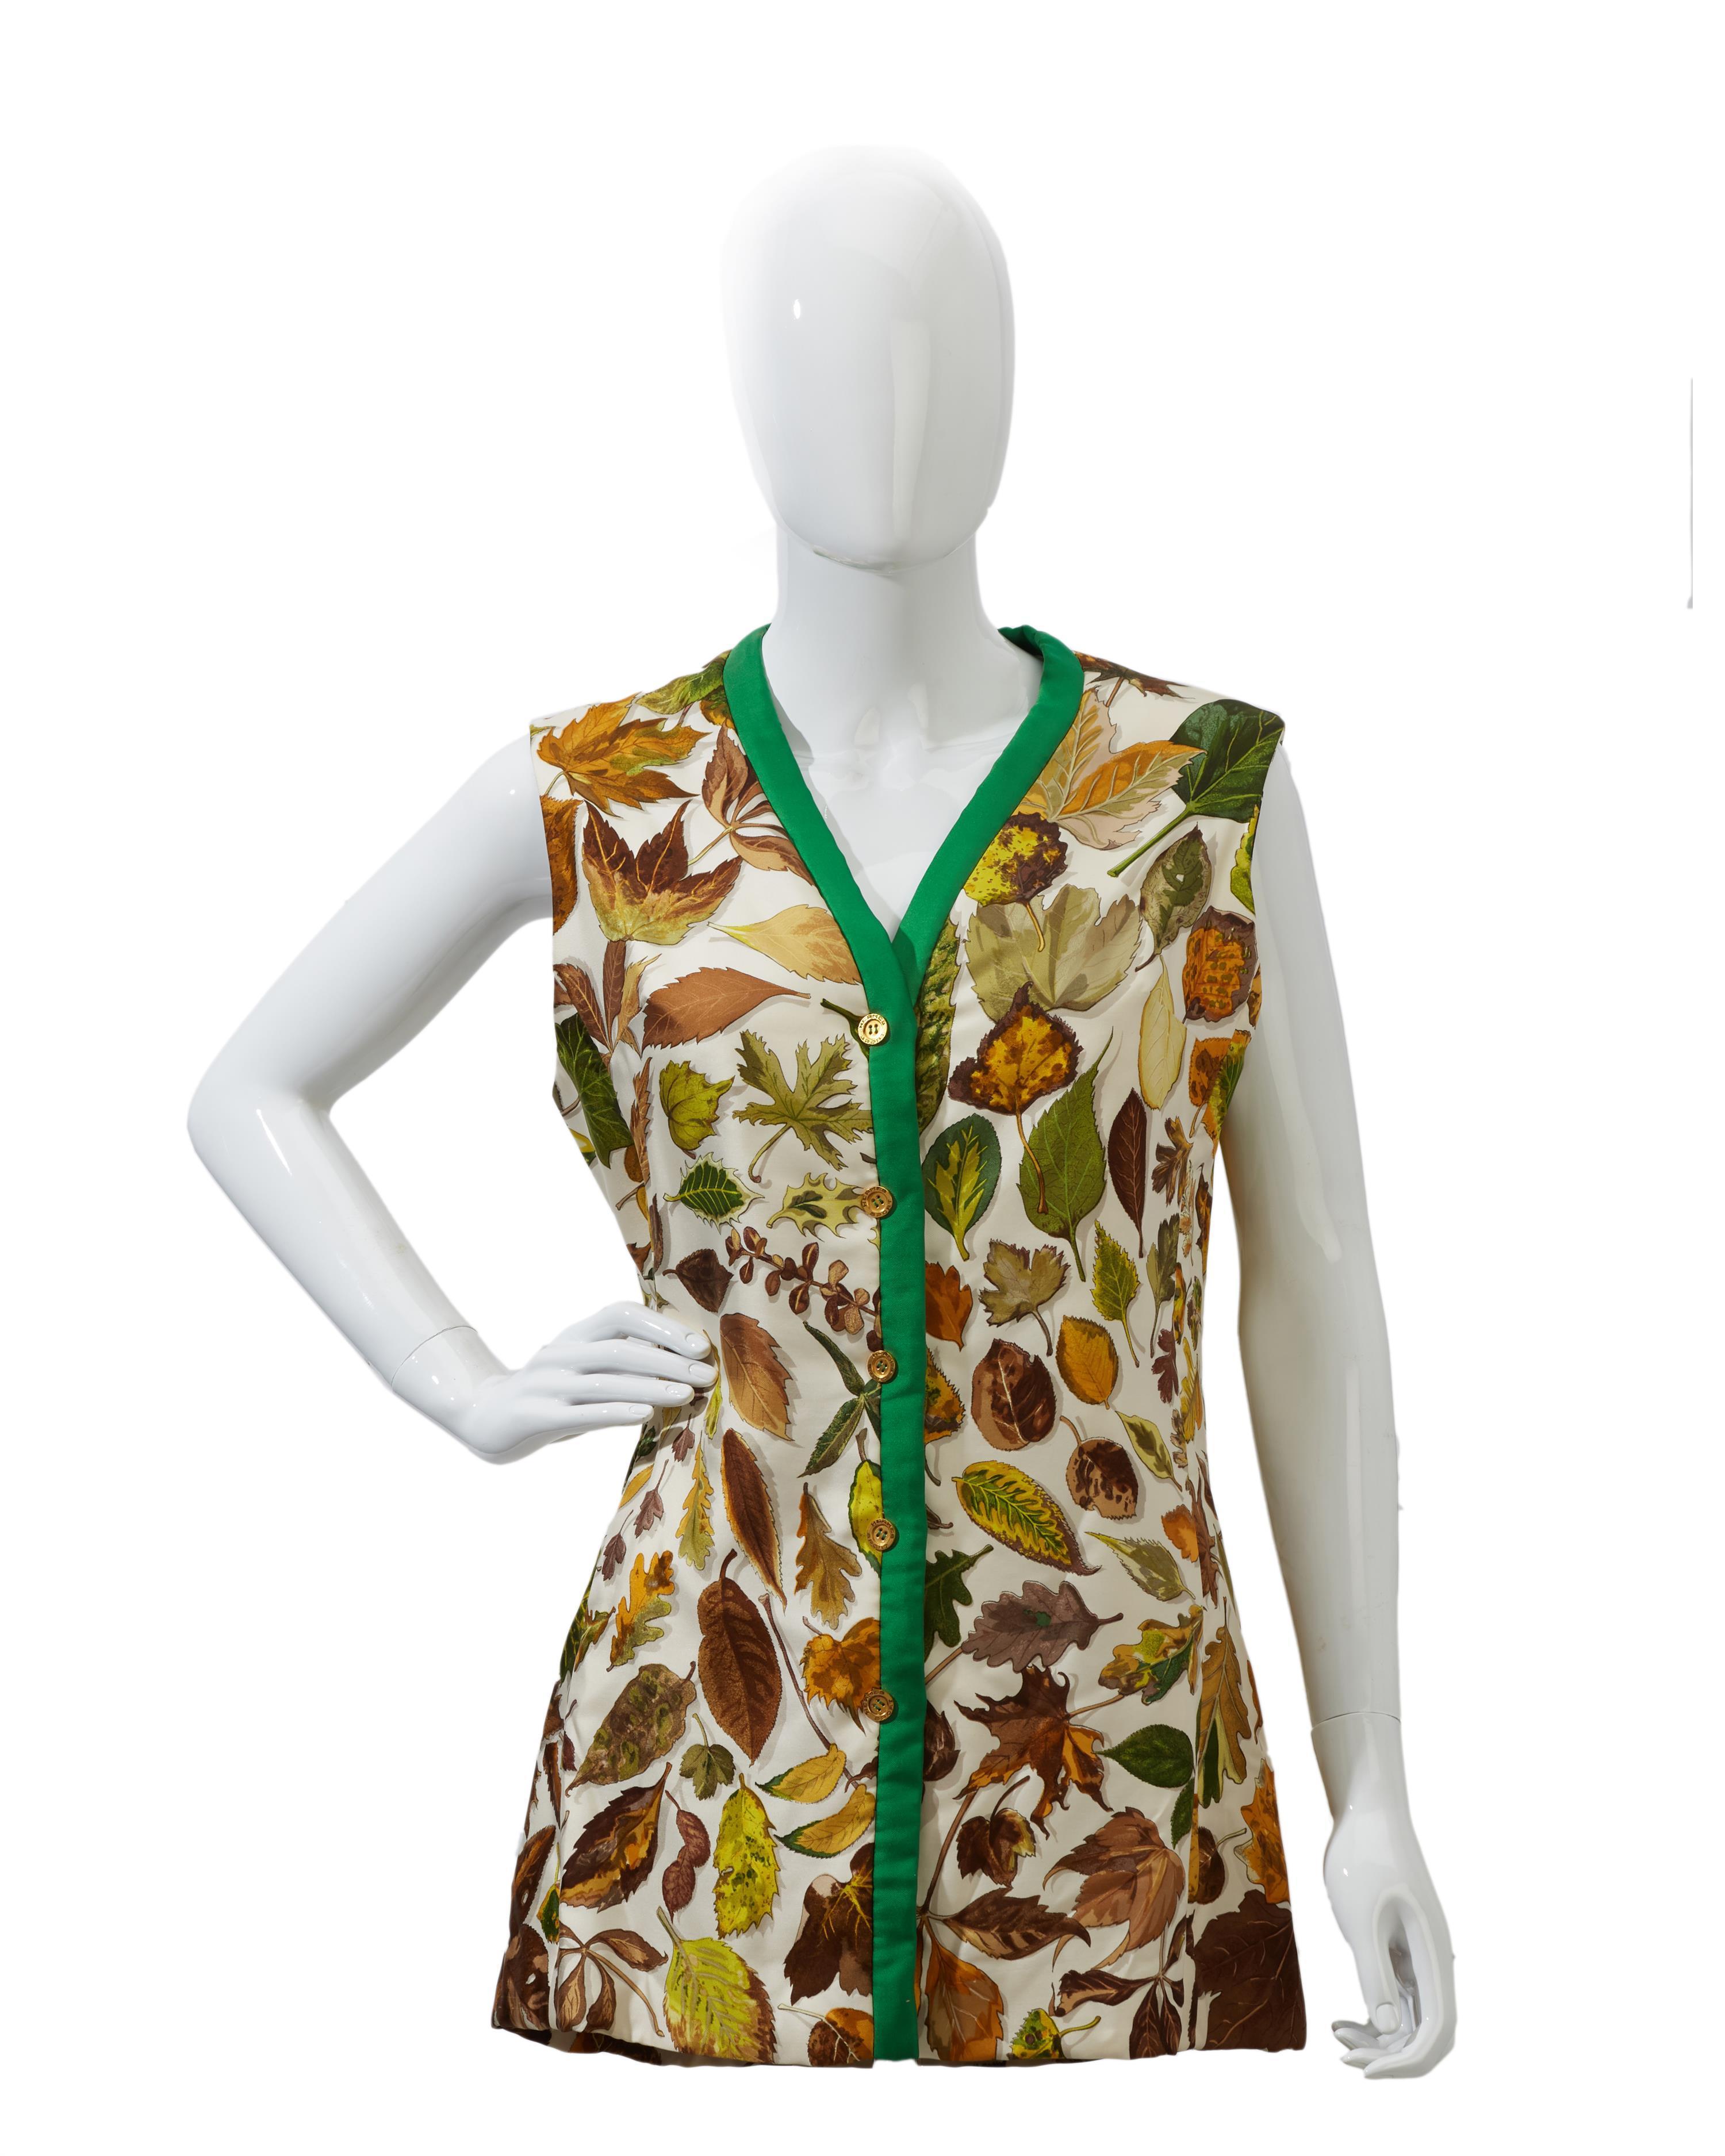 An Hermès vest